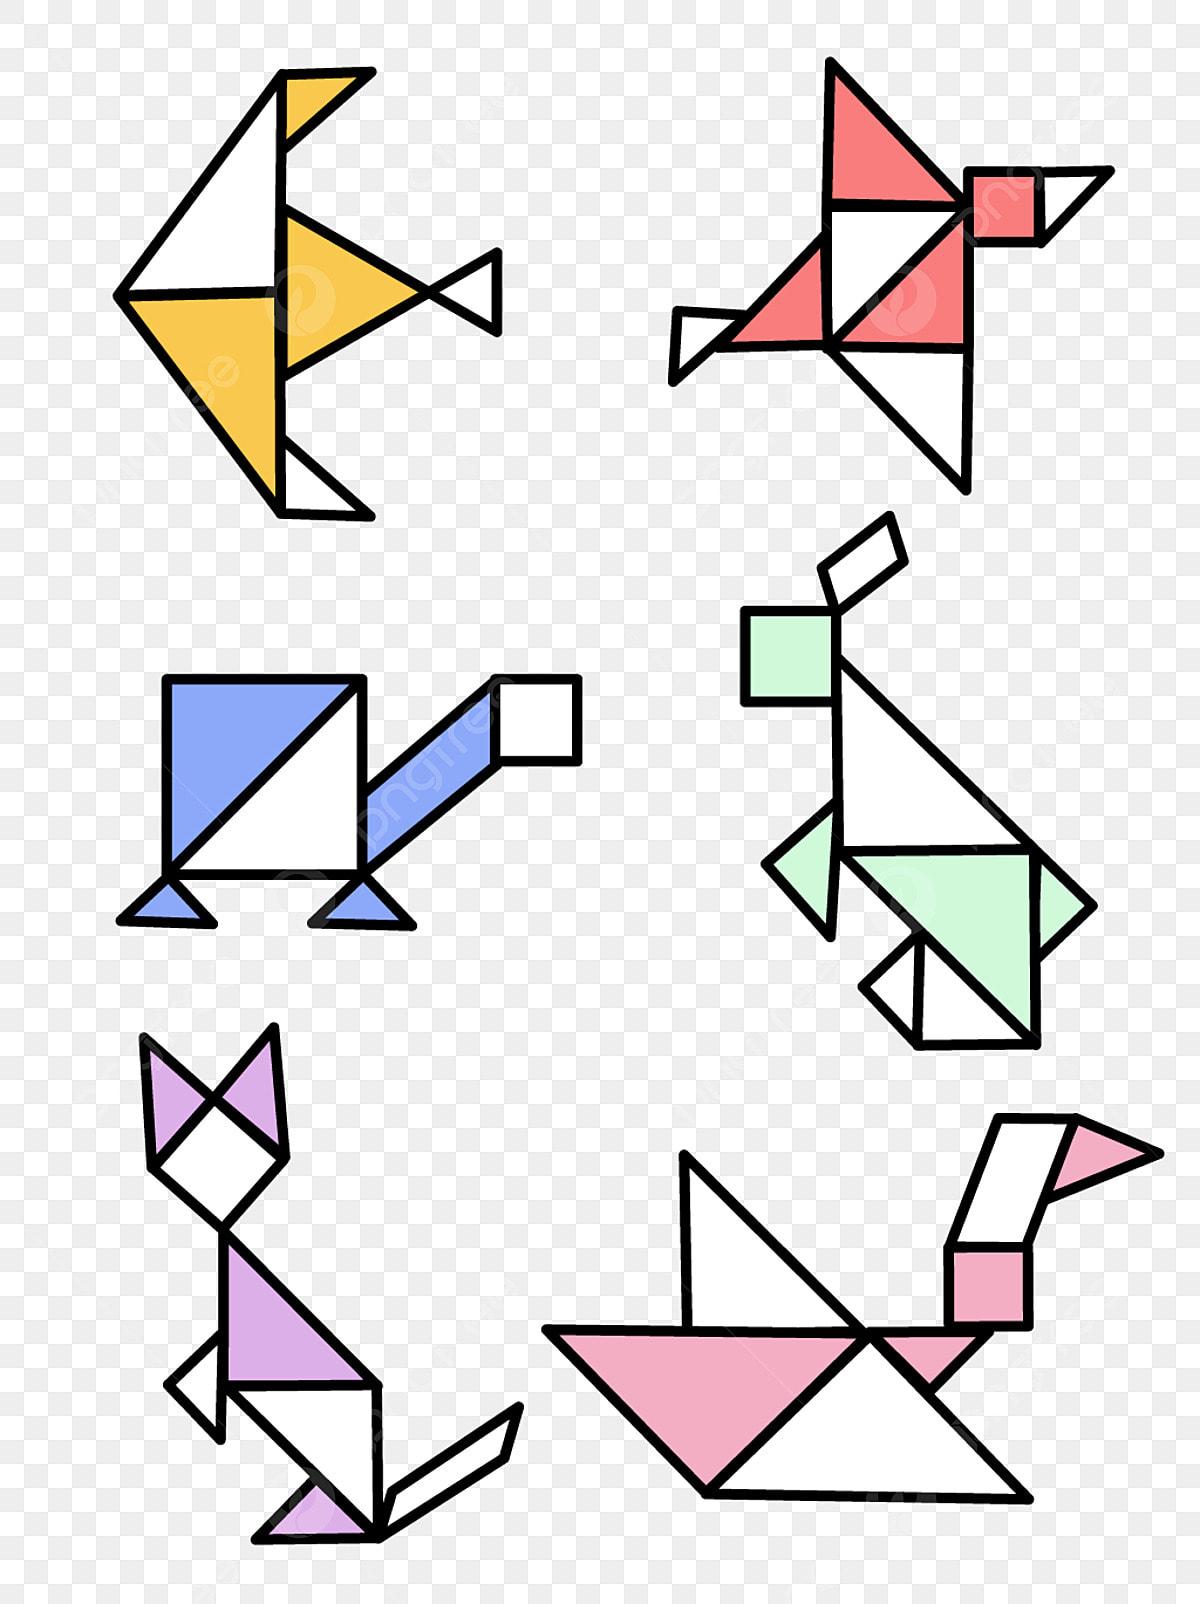 タングラム パズル タングラムパズル Svg 赤 タングラムパズルの